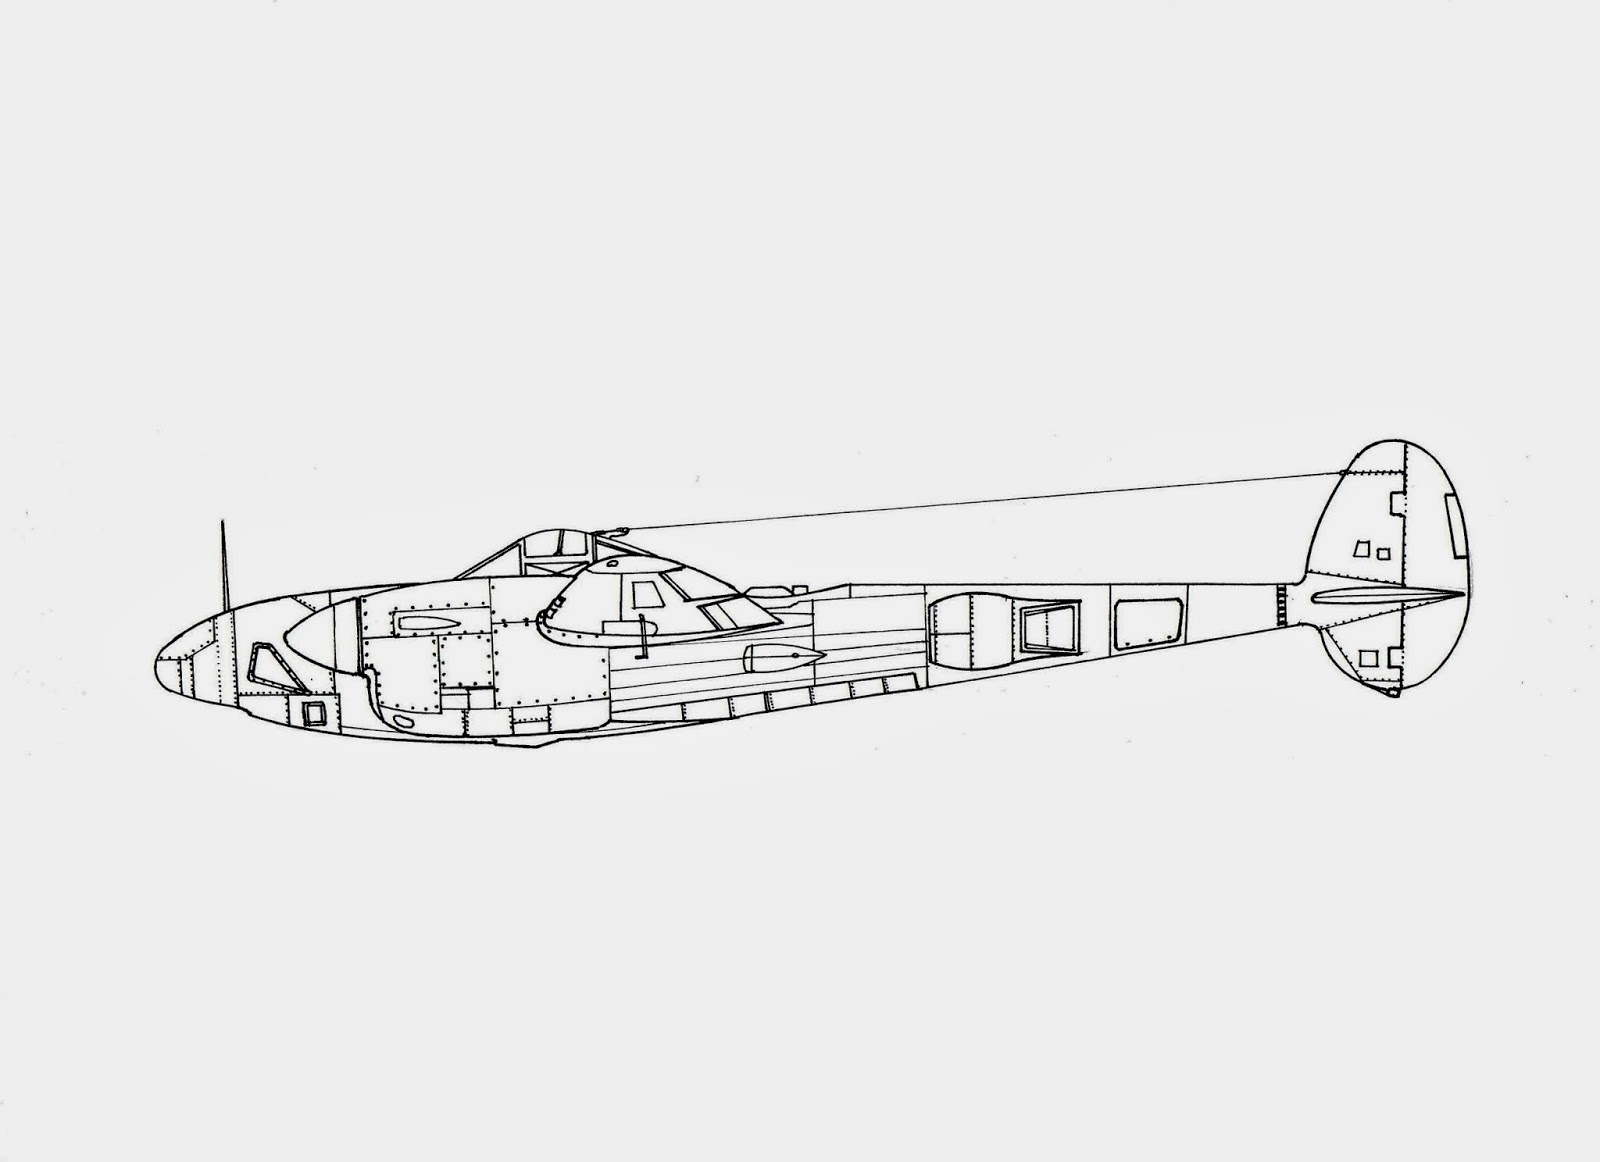 Marzo Aircraft Drawings